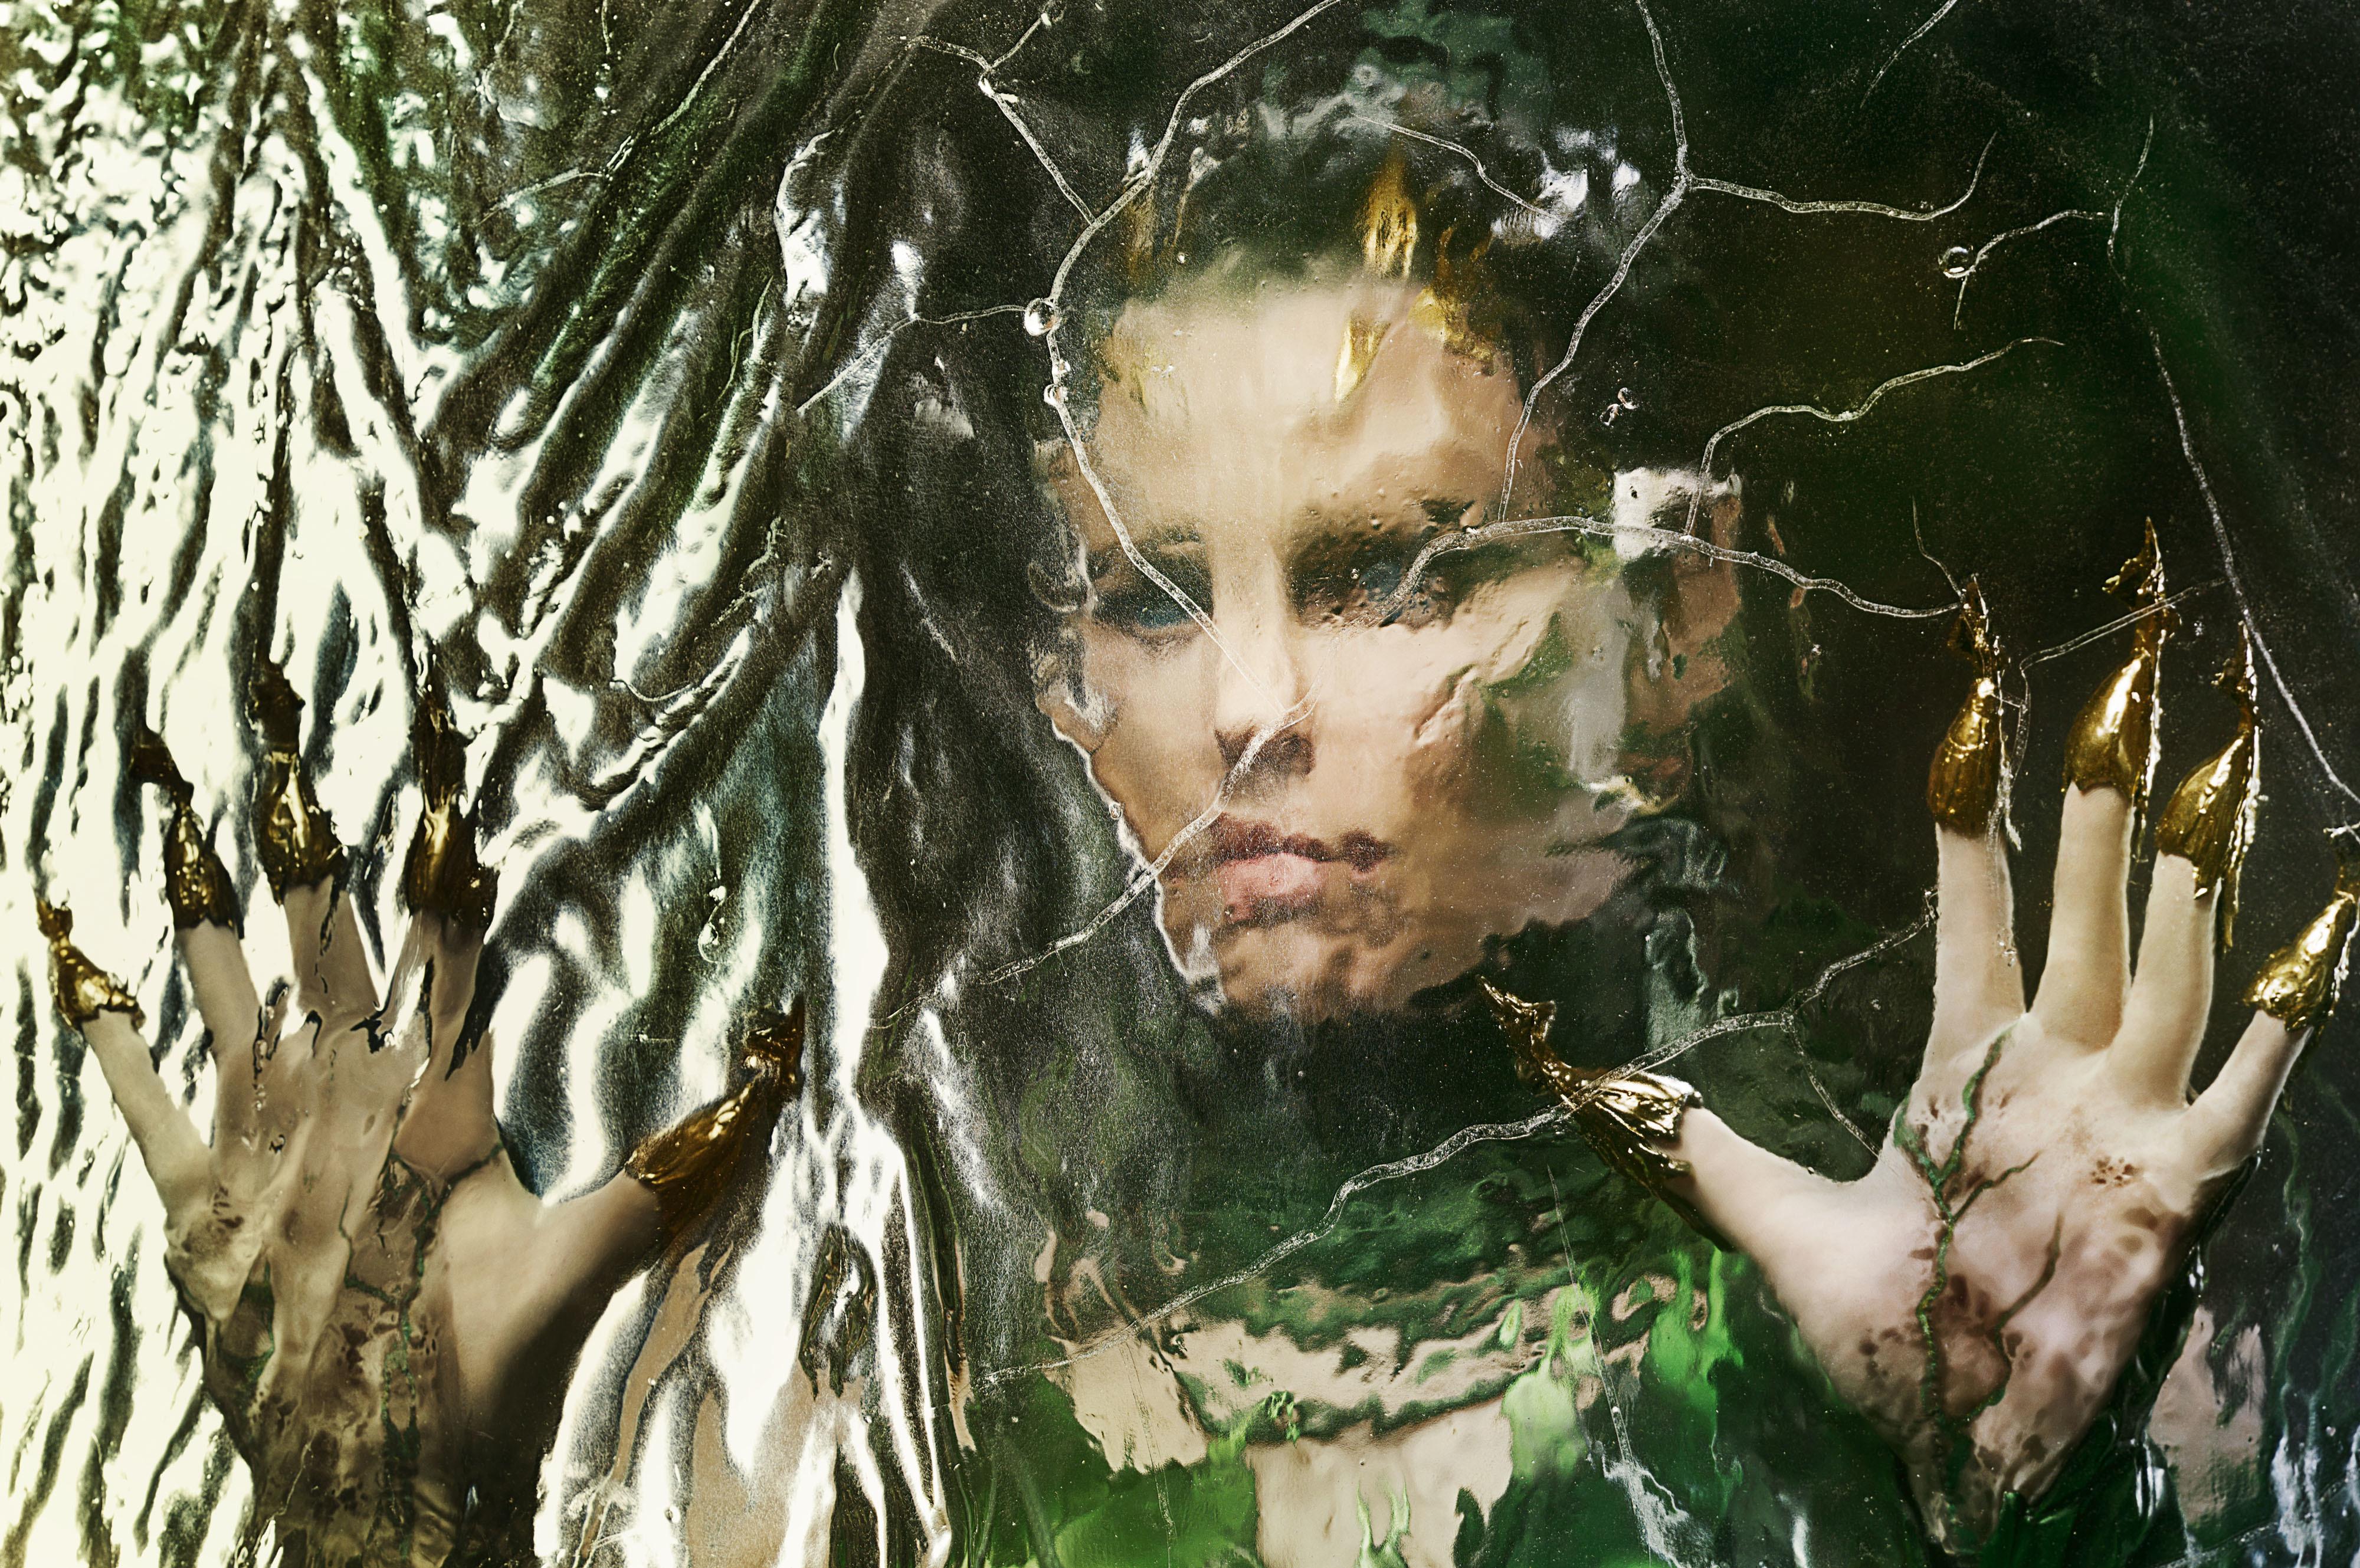 在《金剛戰士》中飾演幽冥女王的伊麗莎白班克斯。(美聯社)